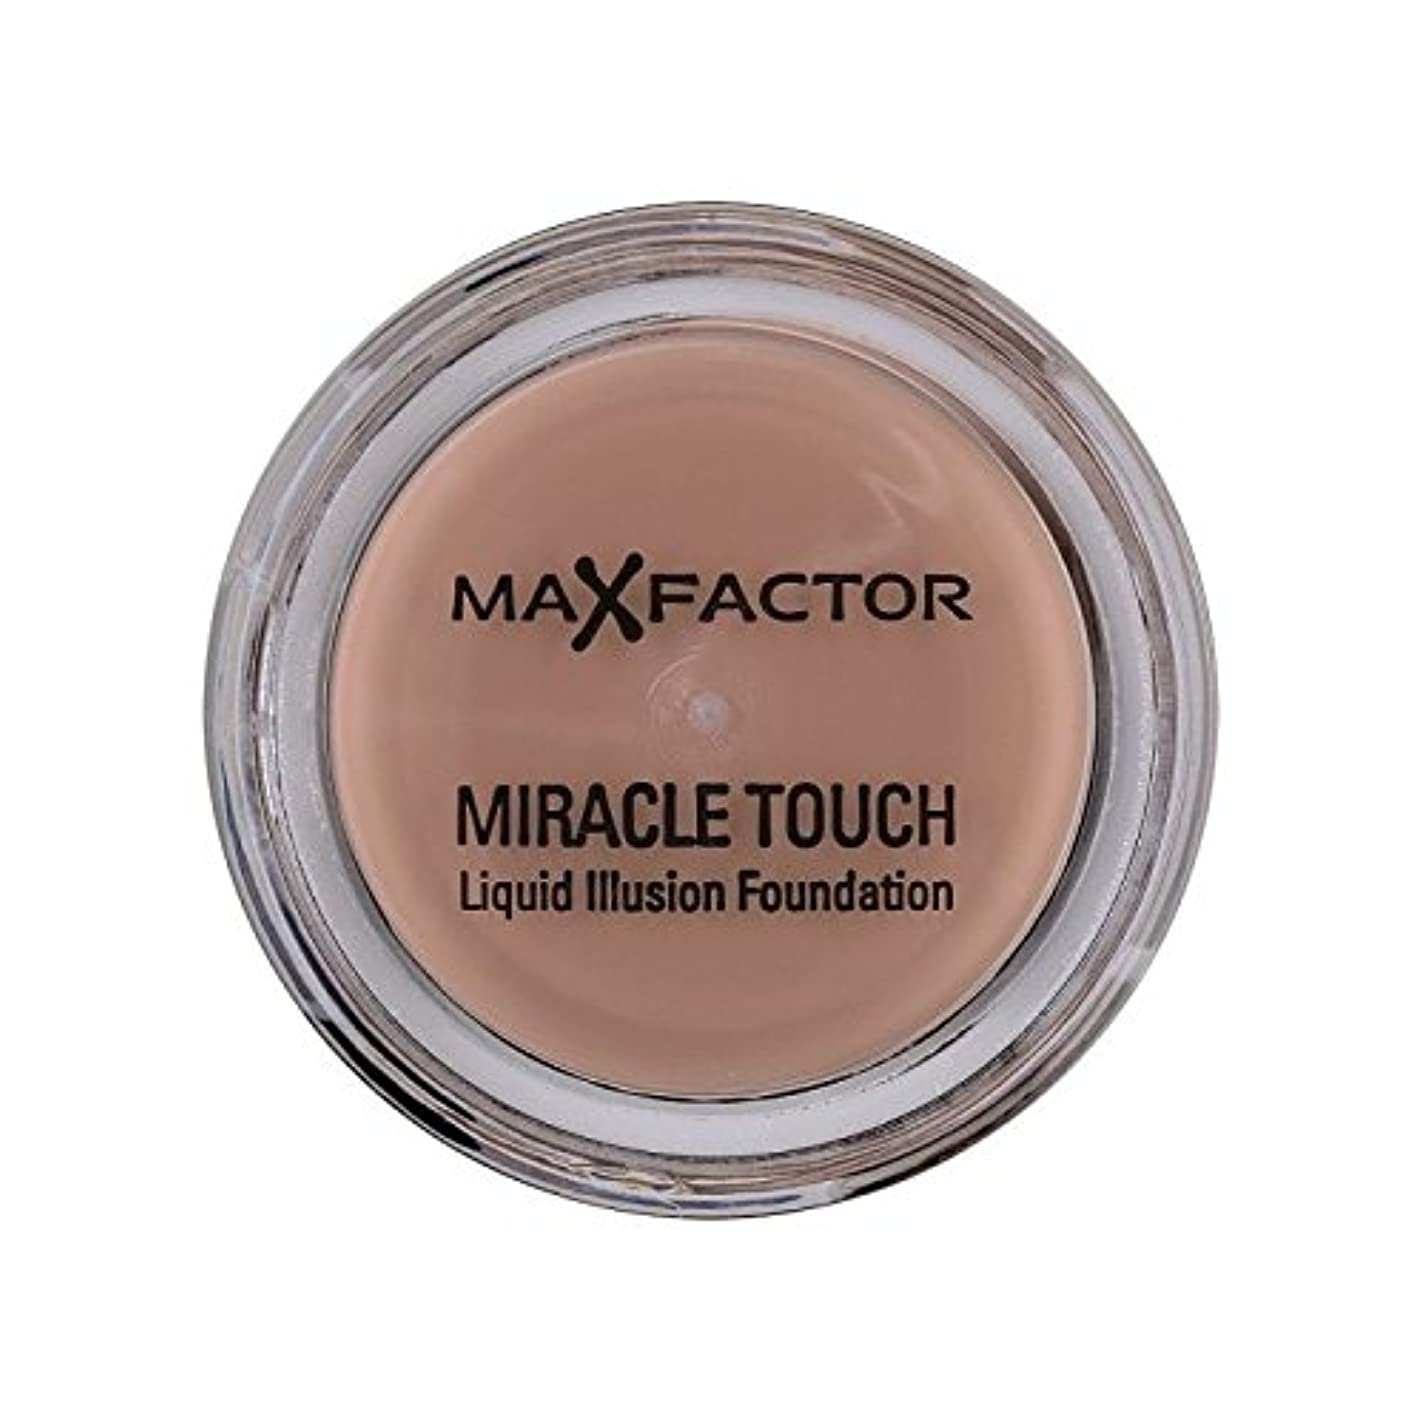 インチ高い規制するMax Factor Miracle Touch Foundation Natural 70 - マックスファクターの奇跡のタッチ基盤の自然70 [並行輸入品]